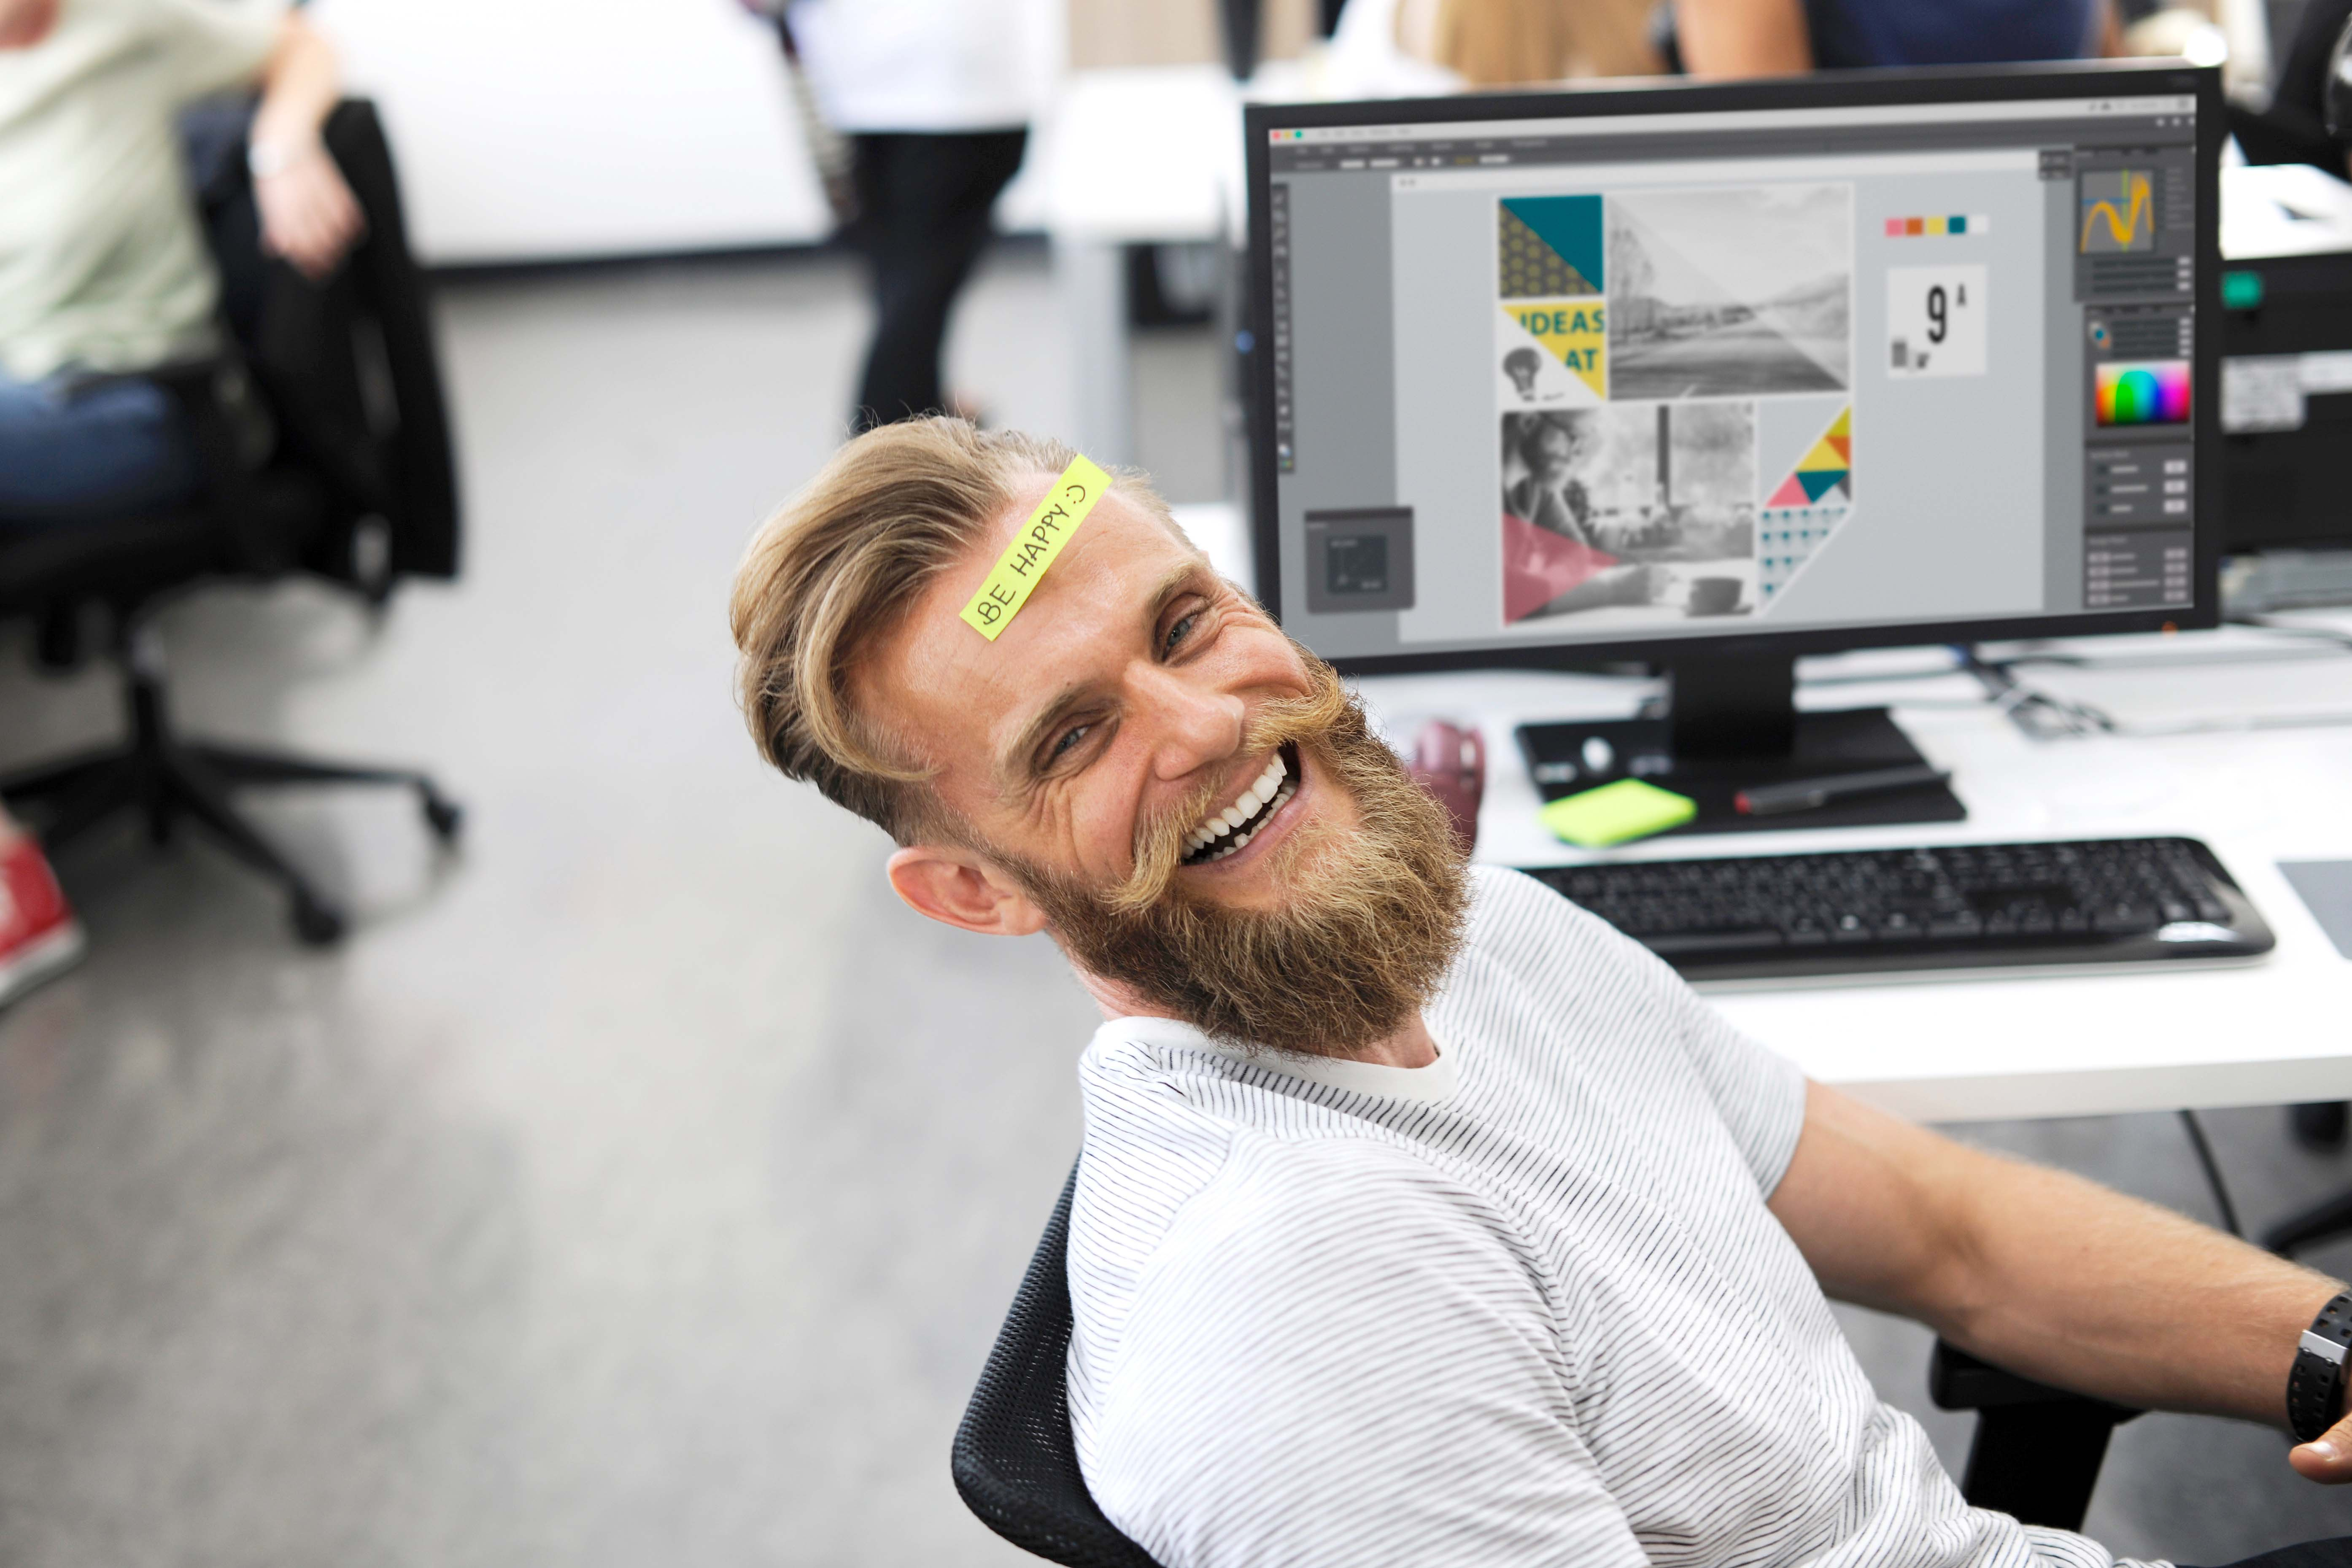 Slik blir du mer produktiv på jobb